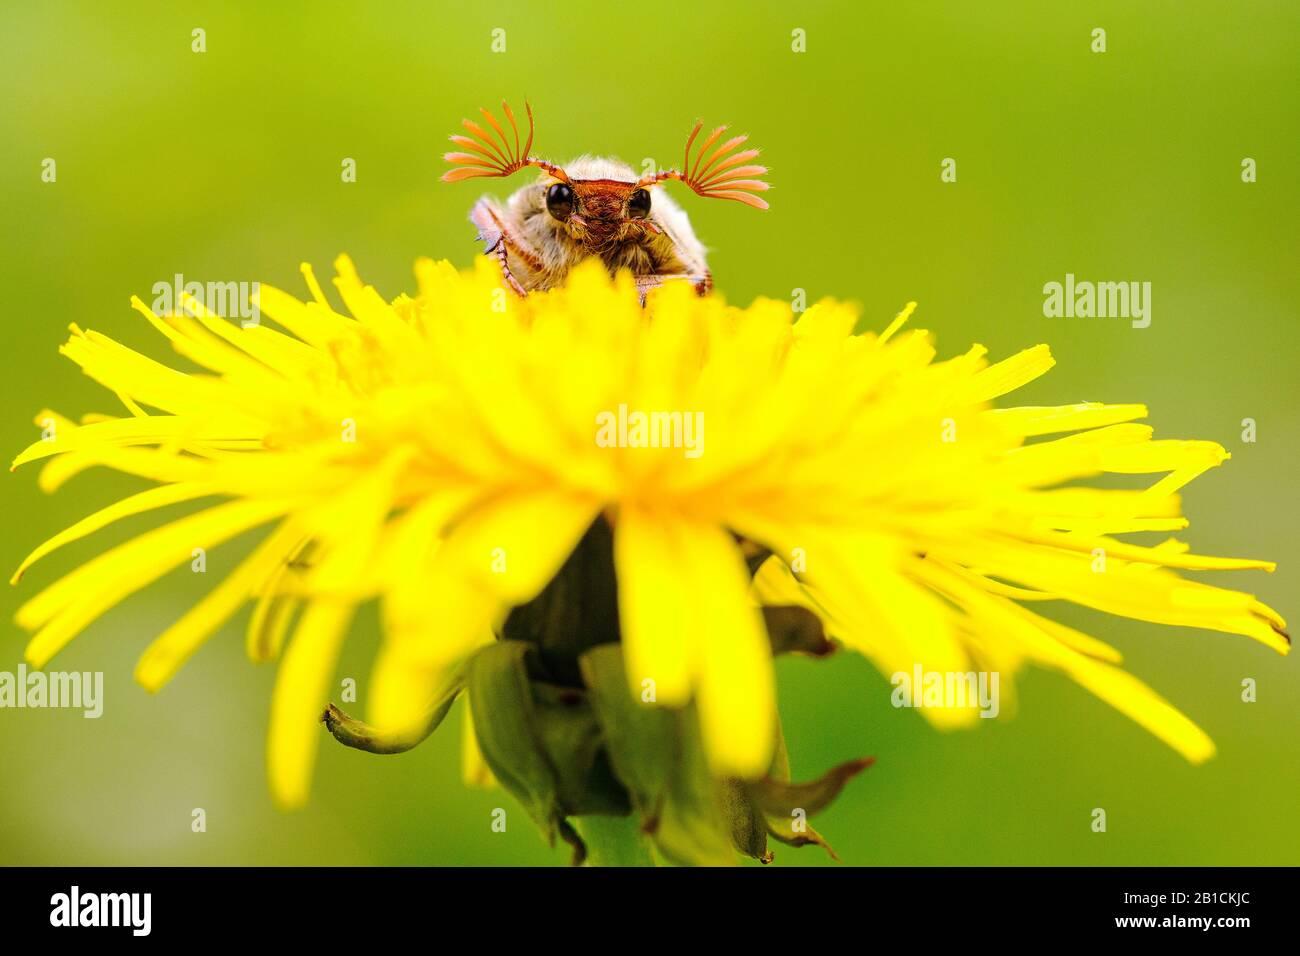 Cockchafer común, Maybug, Maybeetle (Melolontha melolontha), sentado en diente de león, países Bajos, Frisia, Delleboersterheide Foto de stock